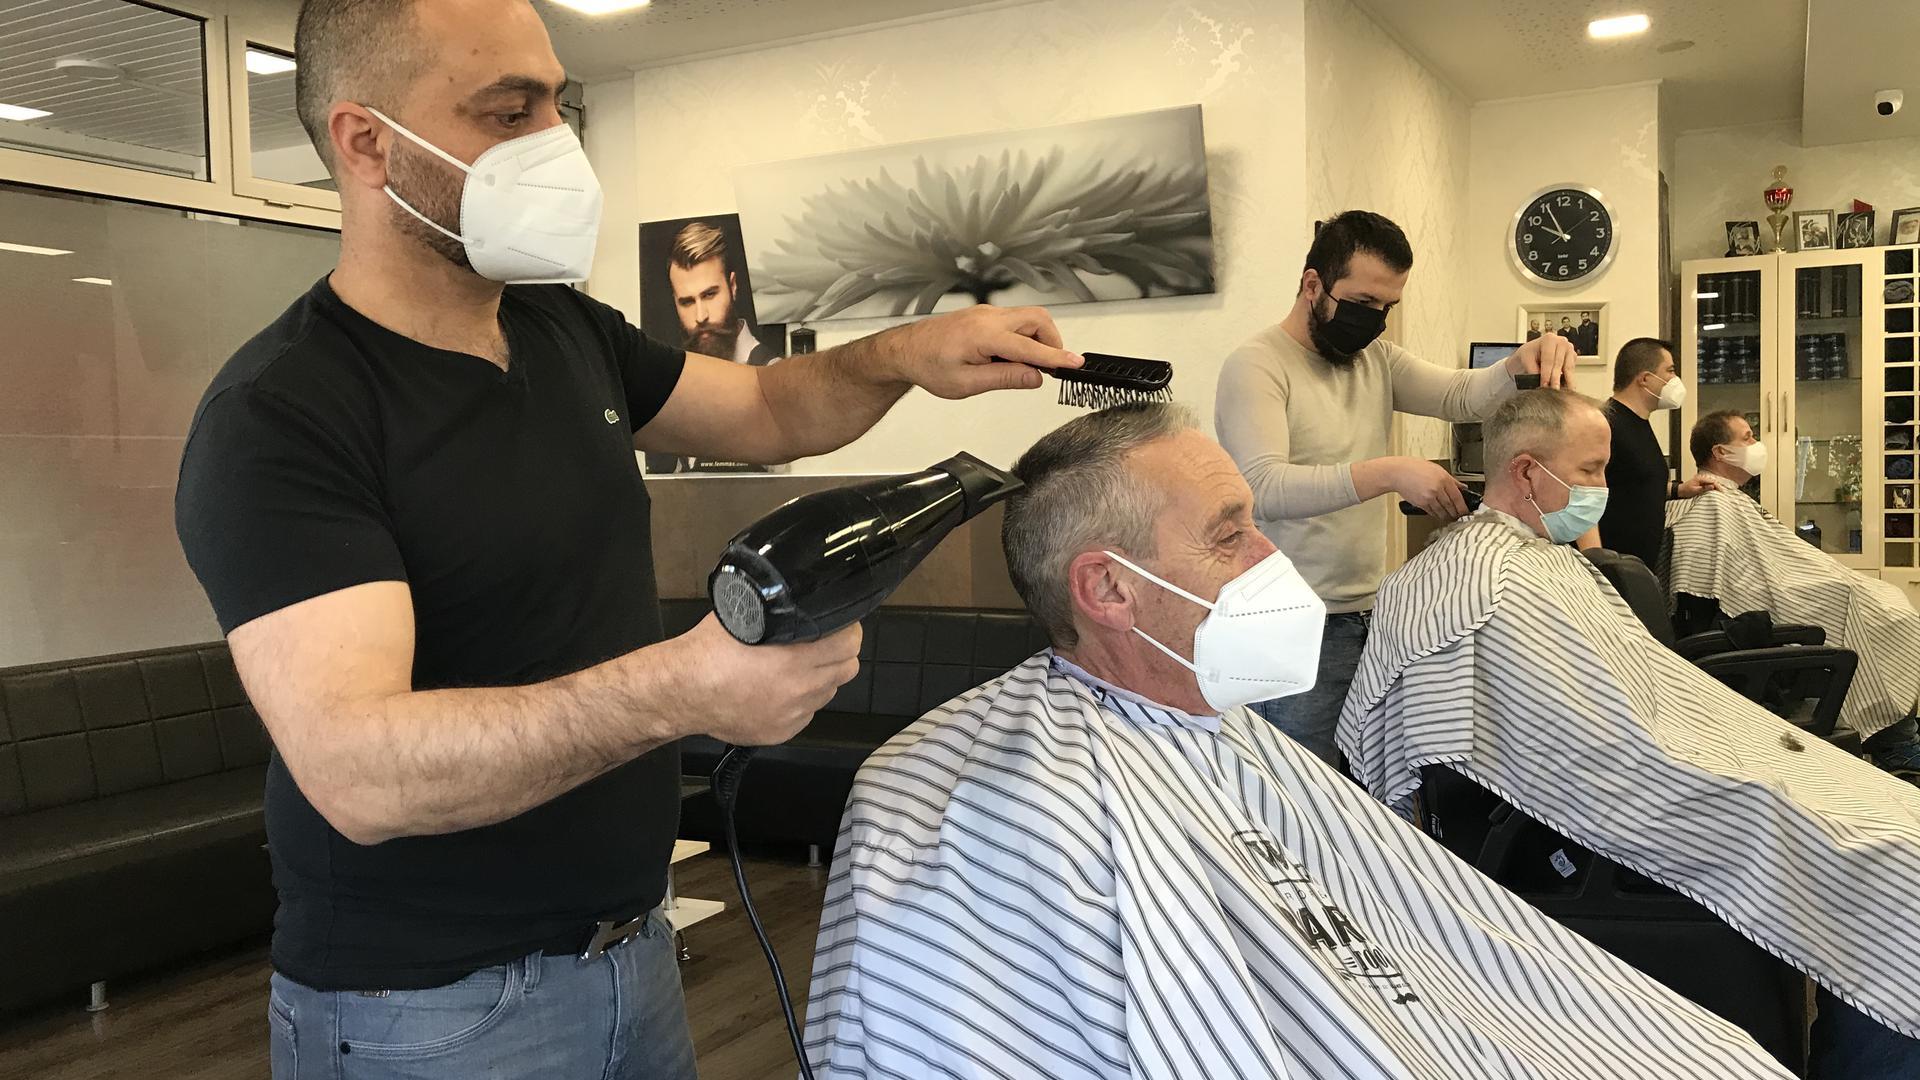 Ein Friseur schneidet einem Mann die Haare.